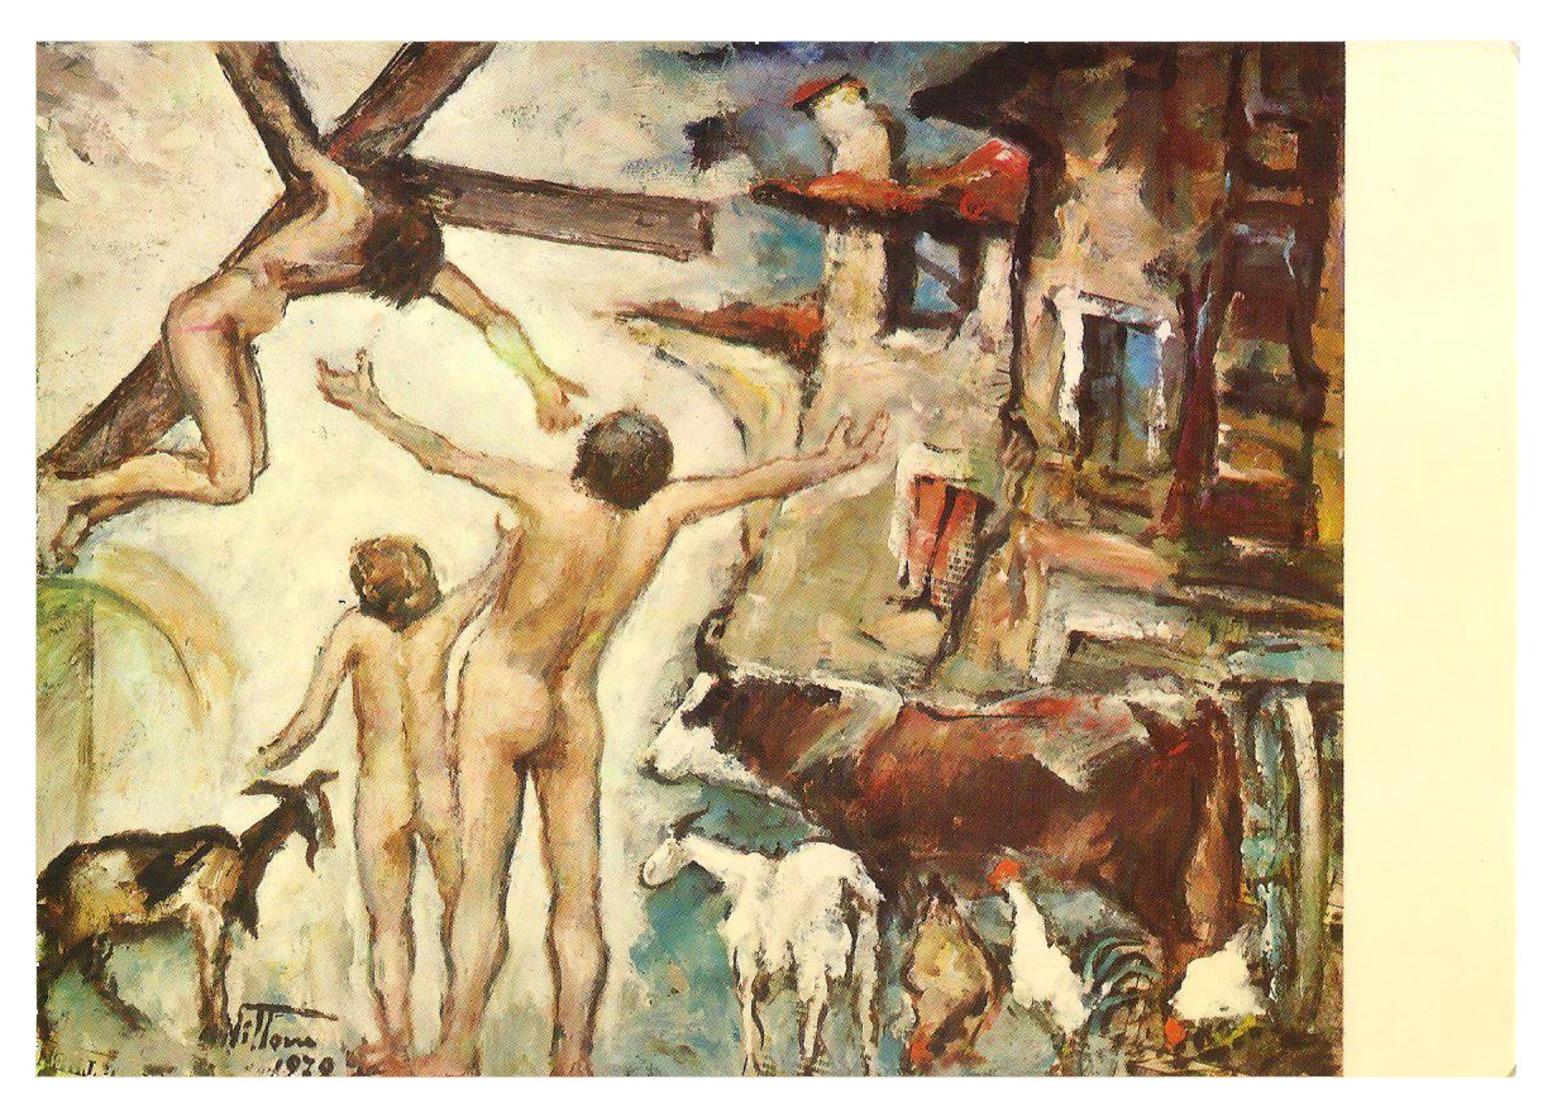 Gesù Crocefisso, Uomini Nudi E Animali. Da Un Quadro Di Giacomo Vittone - 1979. - Non Classificati